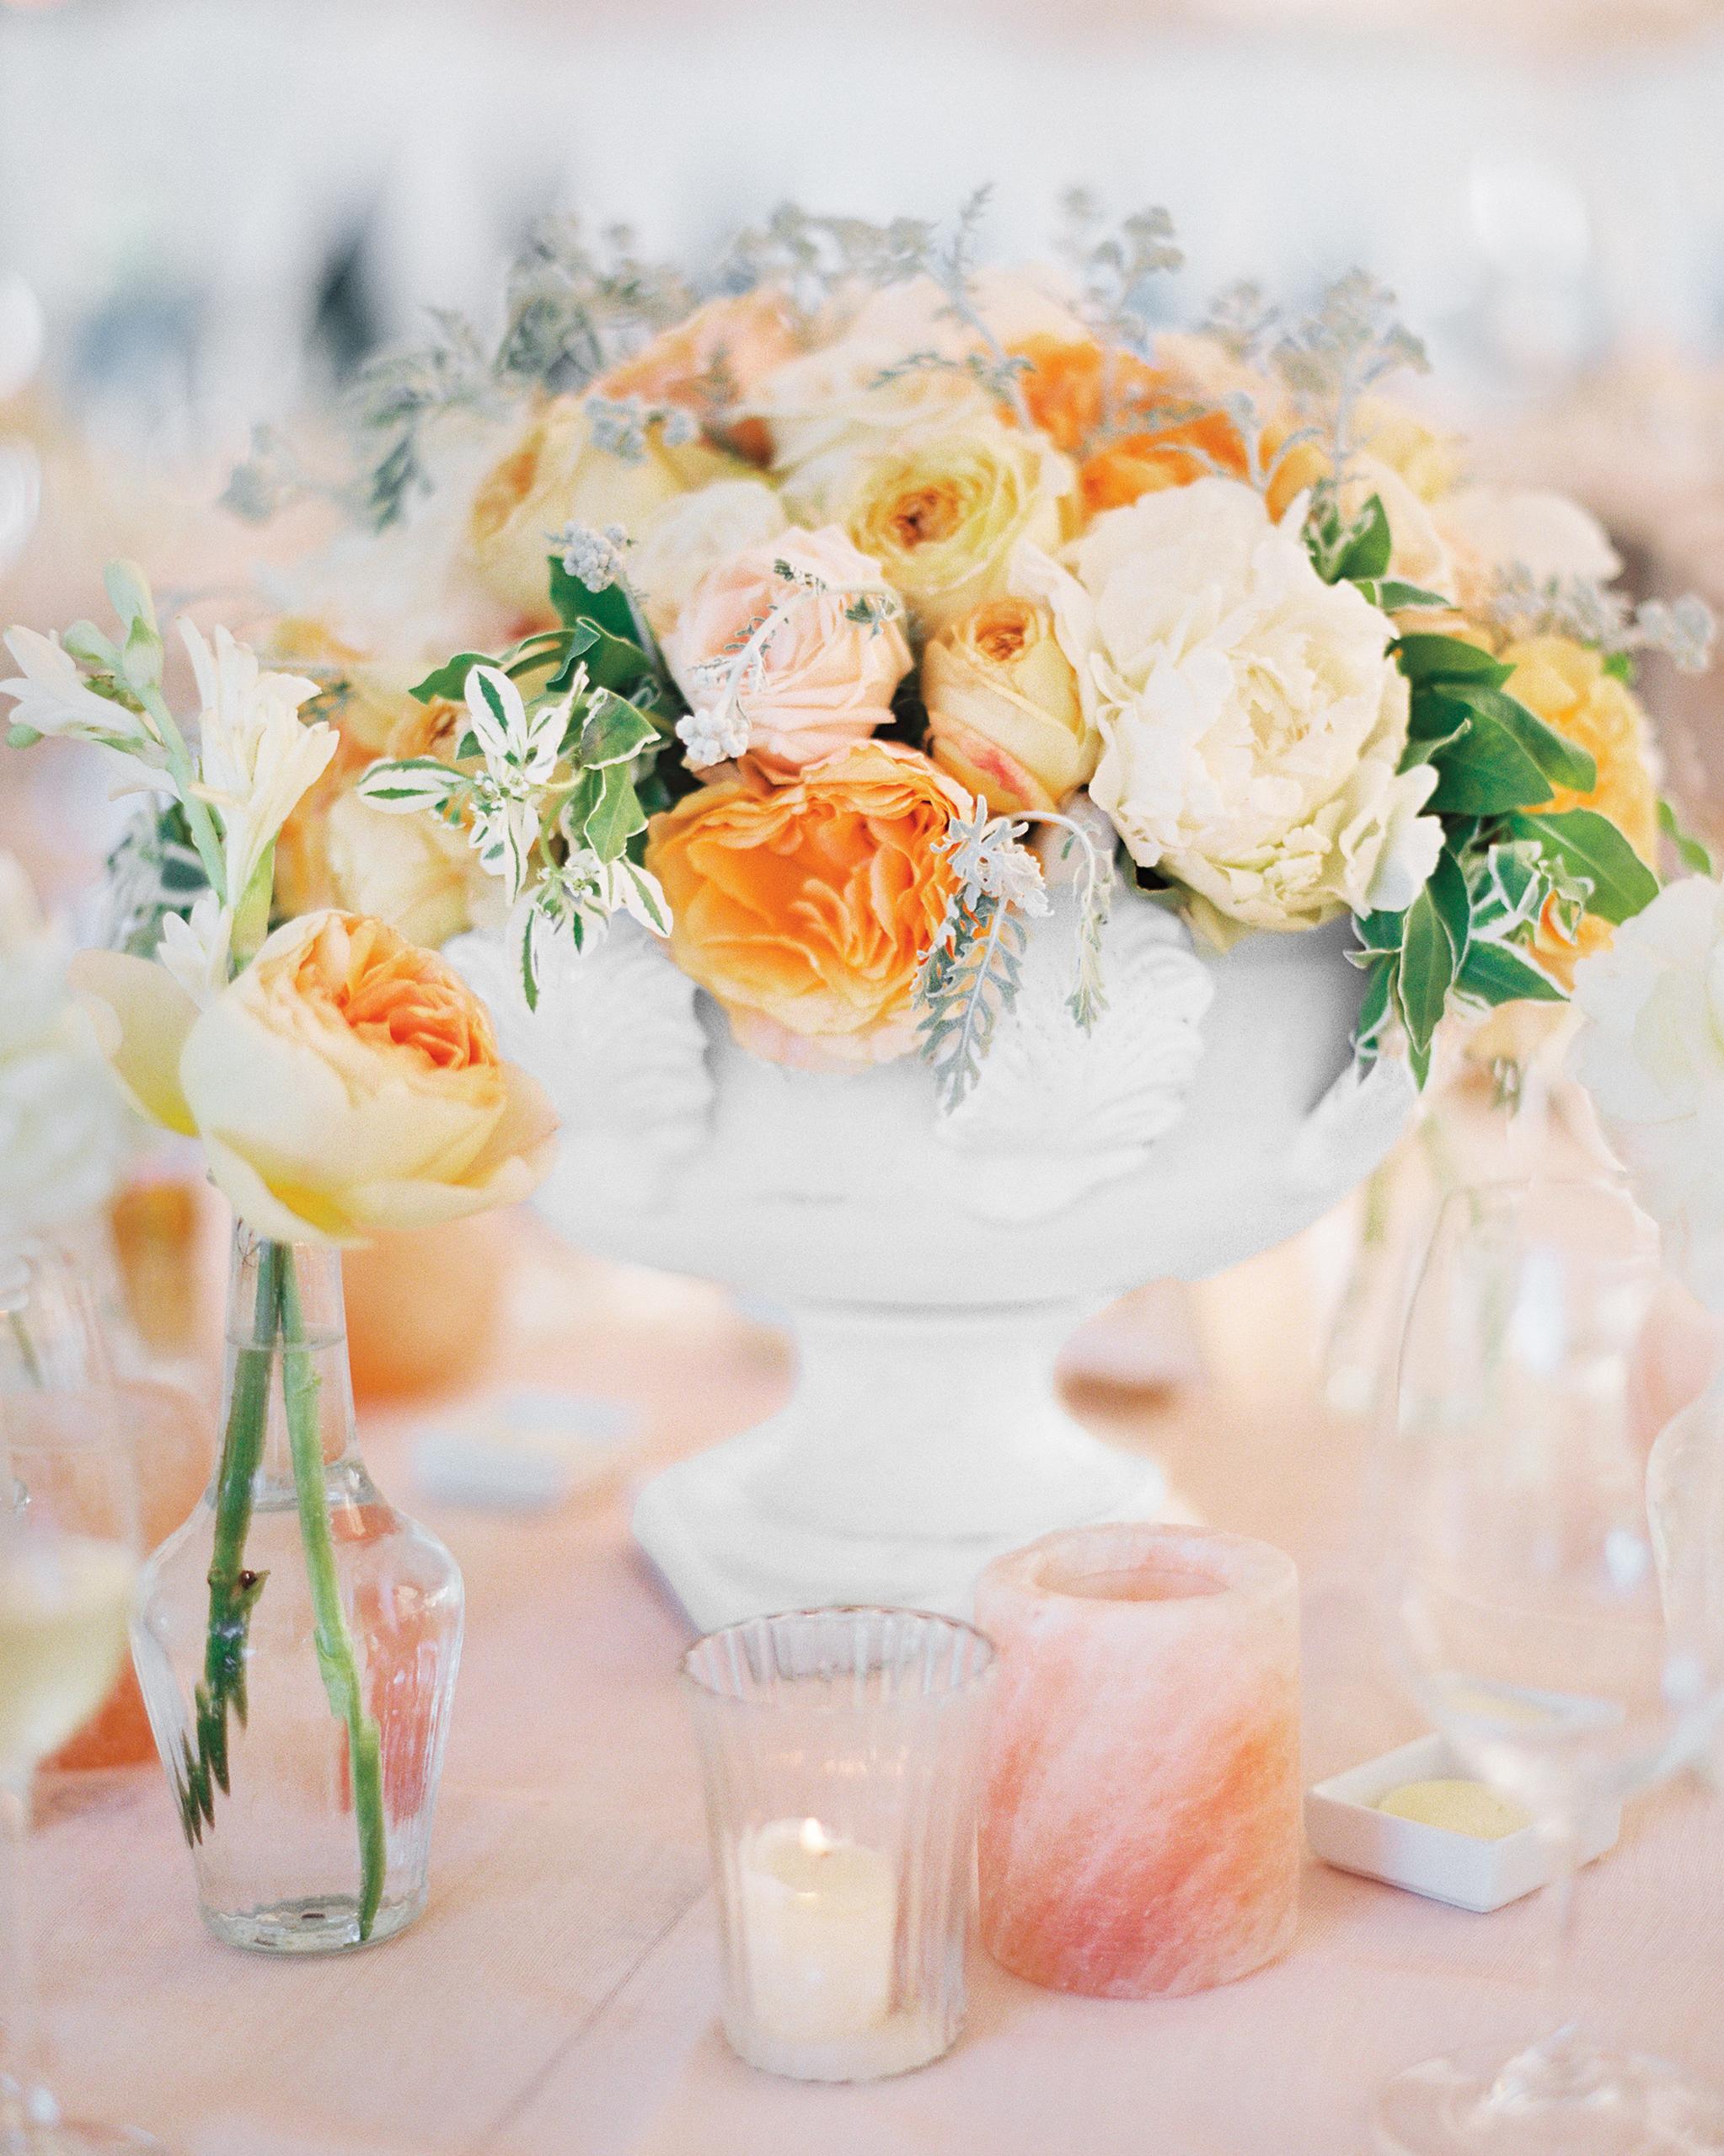 joanna-kyle-real-weddings-centerpiece-008998-r1-013-d111223.jpg